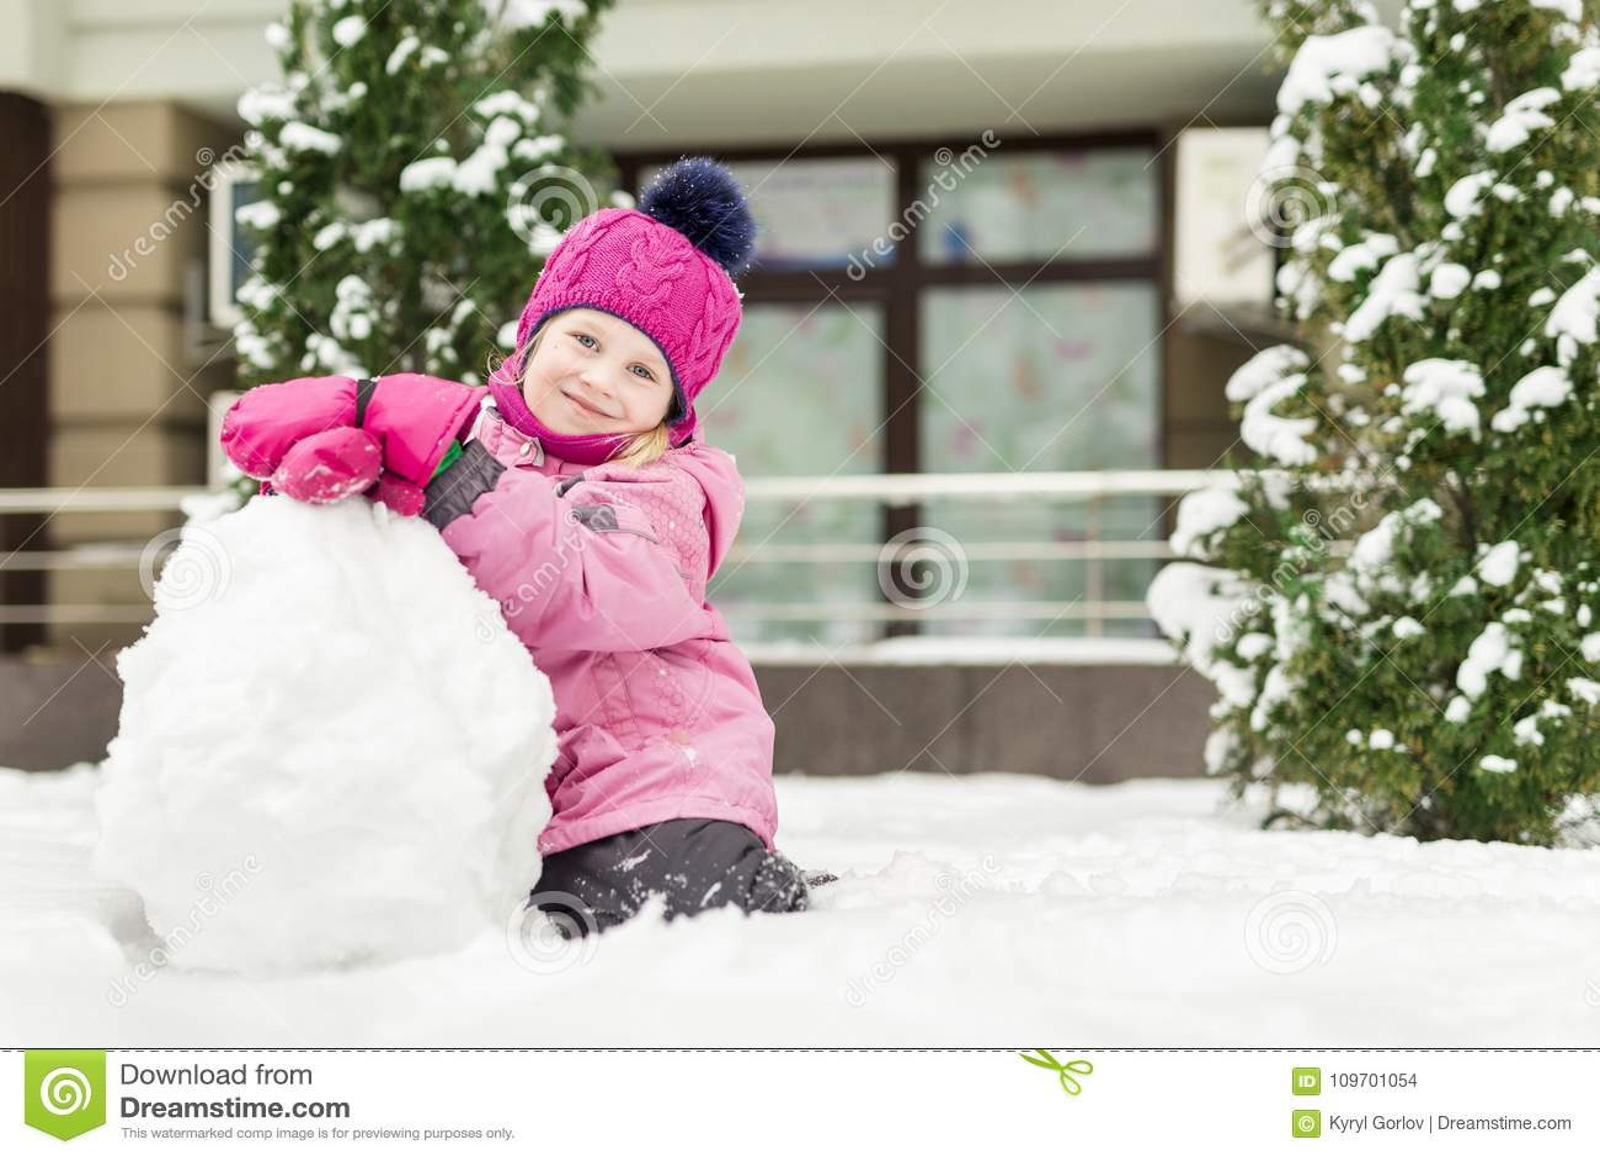 Retrato de la niña linda que hace smowman en el día de invierno brillante Niño adorable que juega con nieve al aire libre diverti